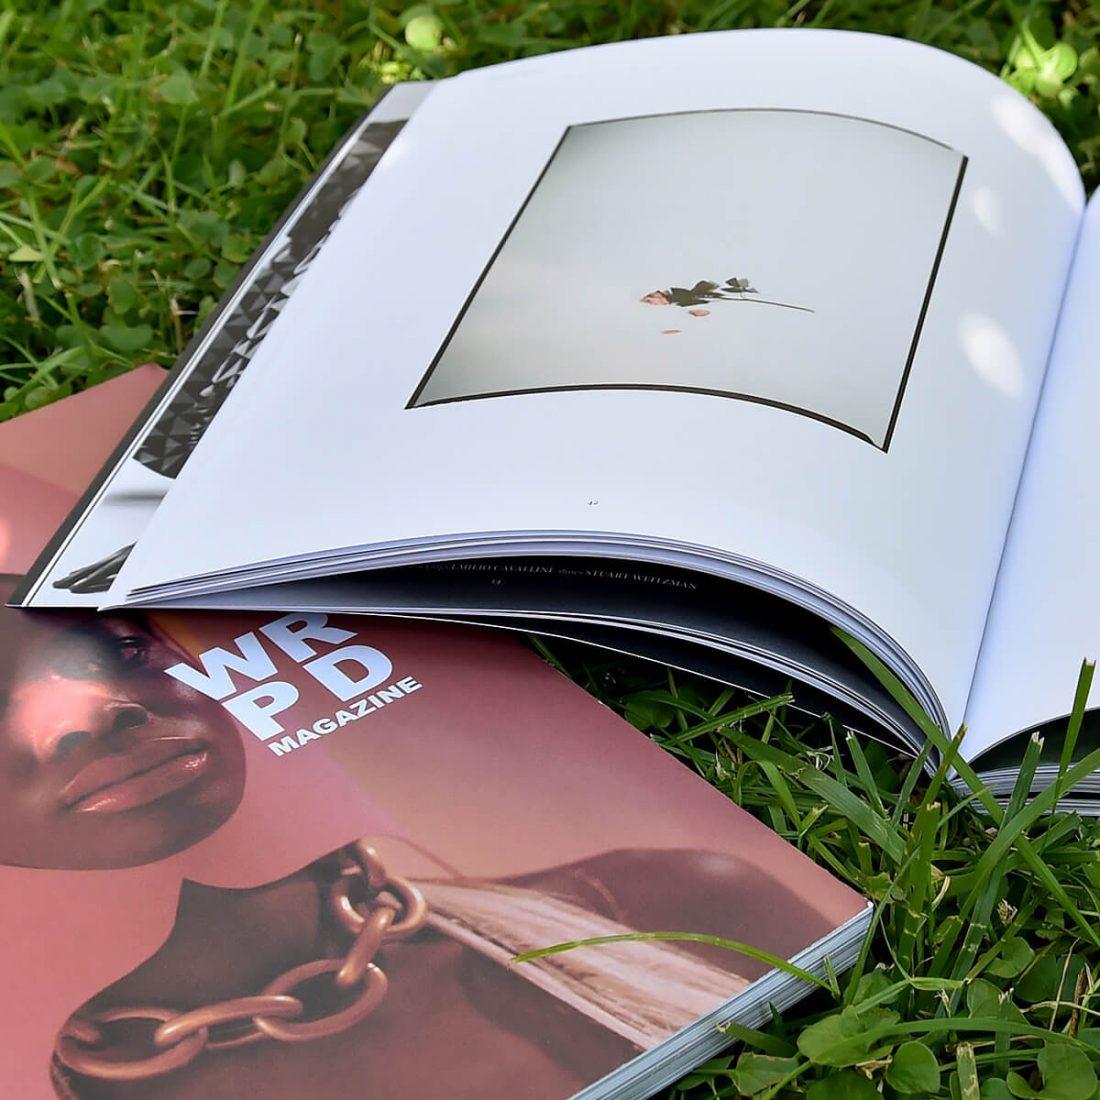 WRPD Magazine. La rivista che unisce arte, fotografia e moda